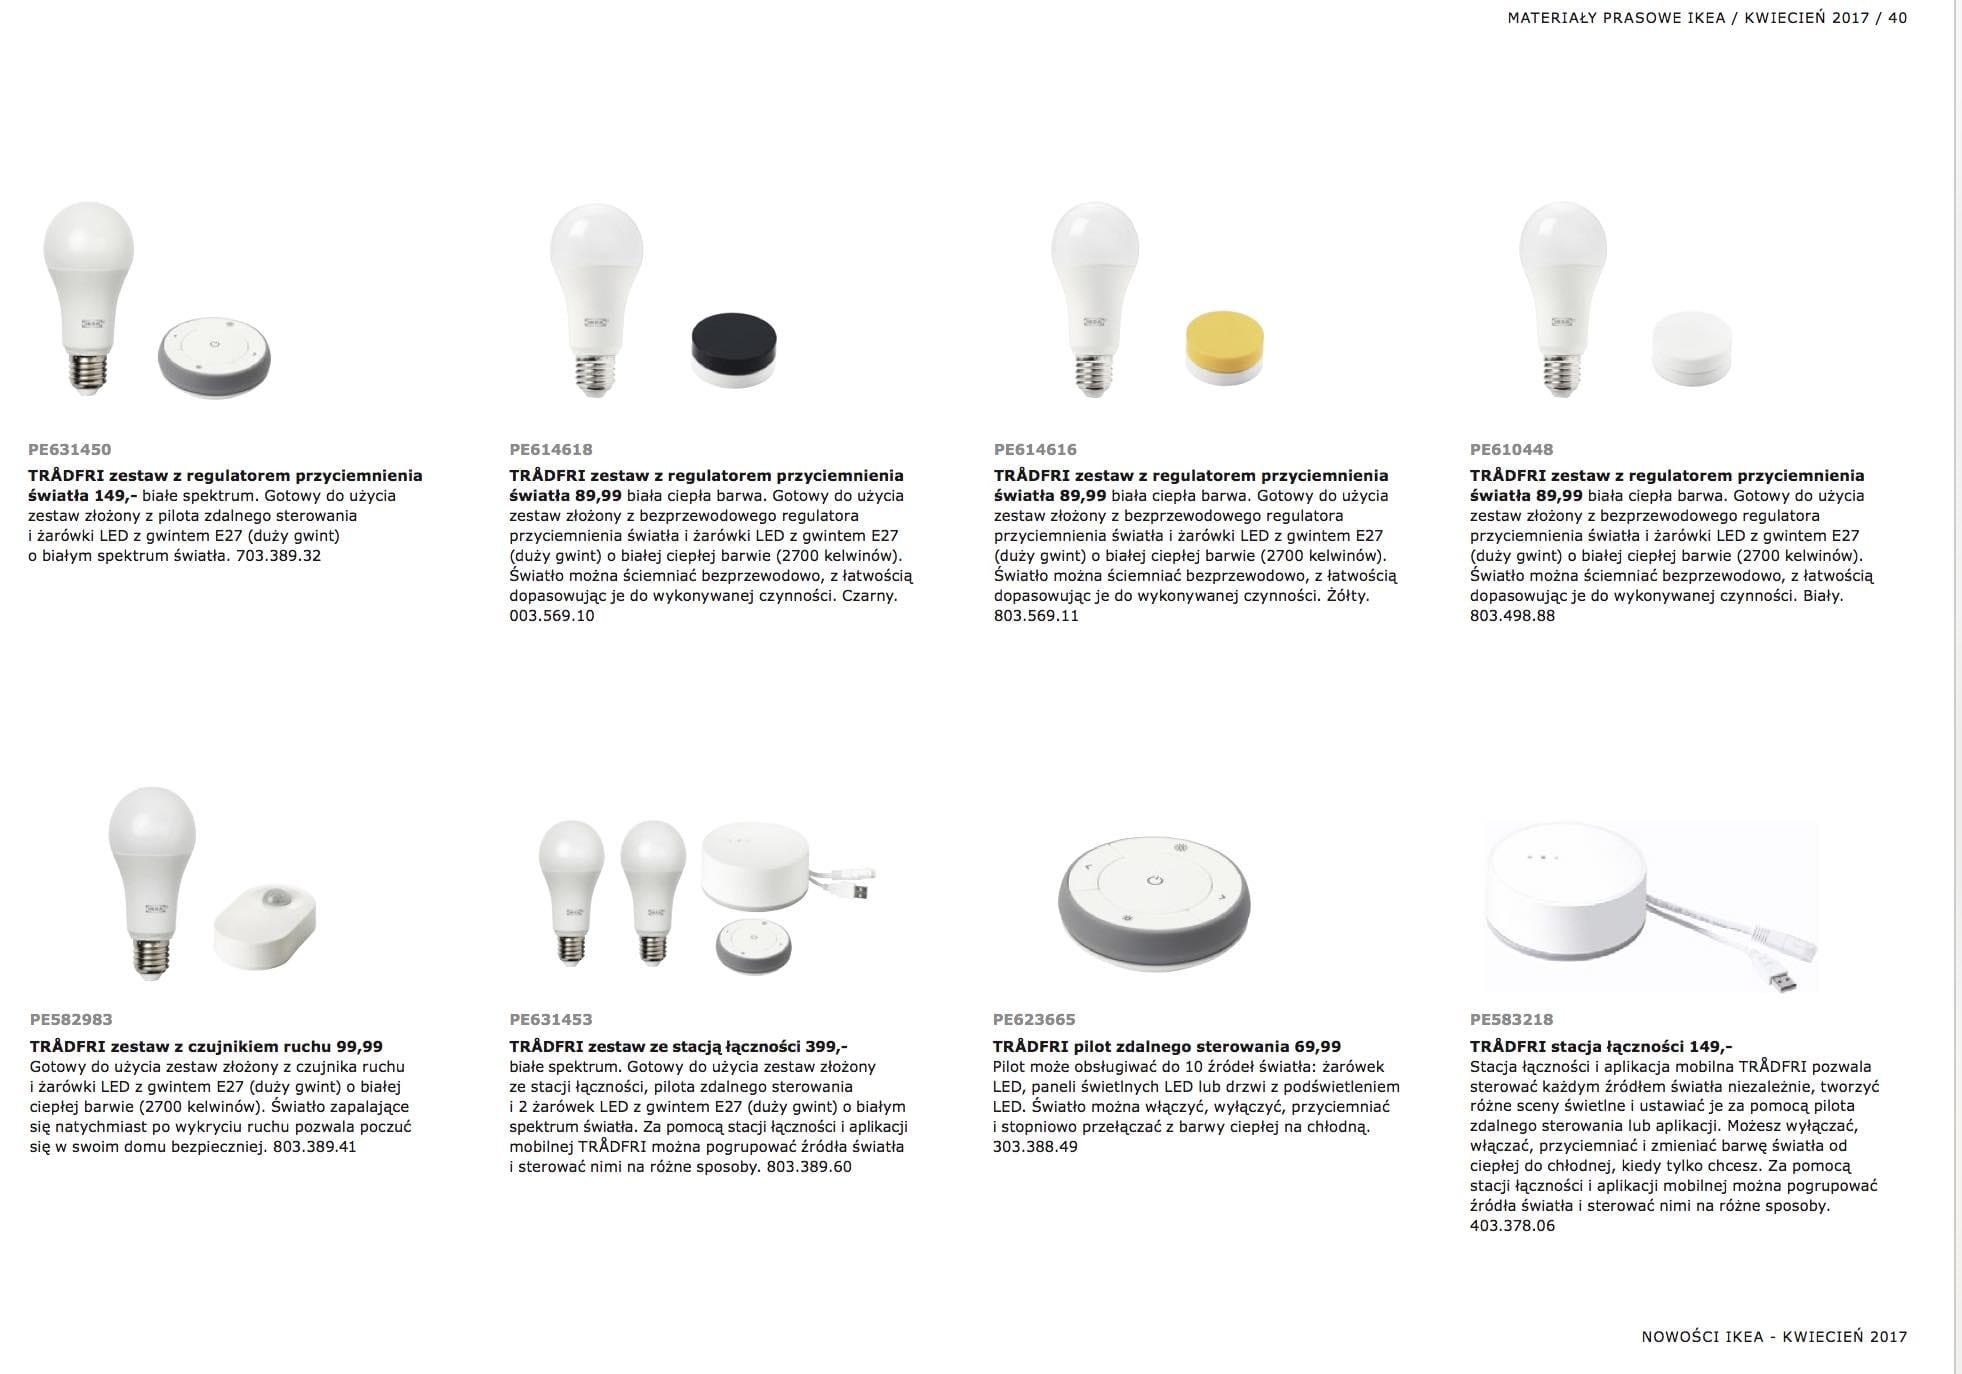 Inteligentne żarówki Ikea Od 4999 Pln Imagazine